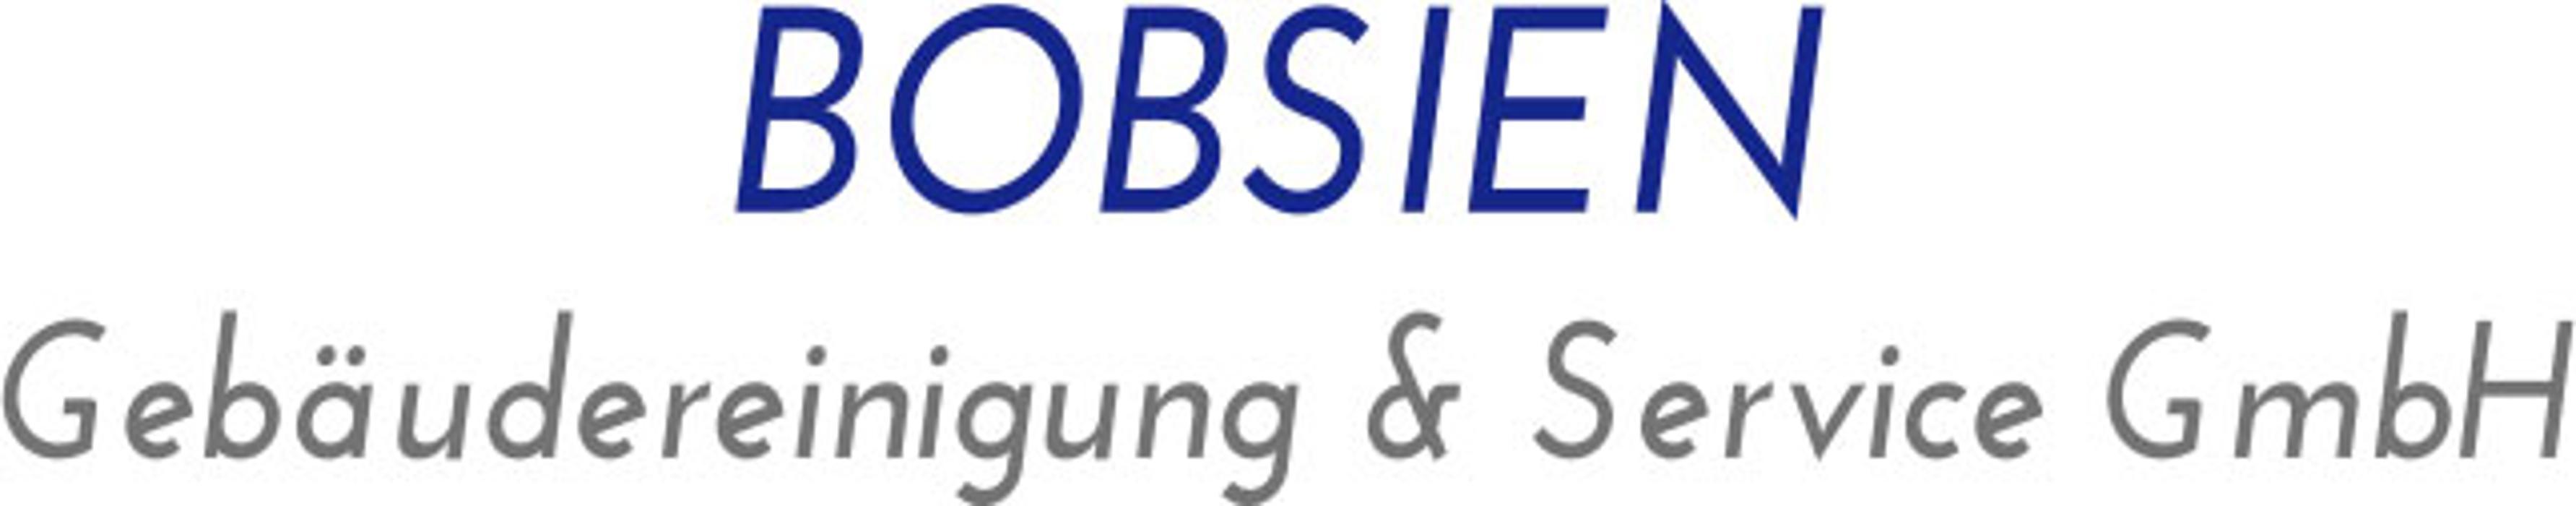 Bild zu BOBSIEN Gebäudereinigung & Service GmbH in Glinde Kreis Stormarn